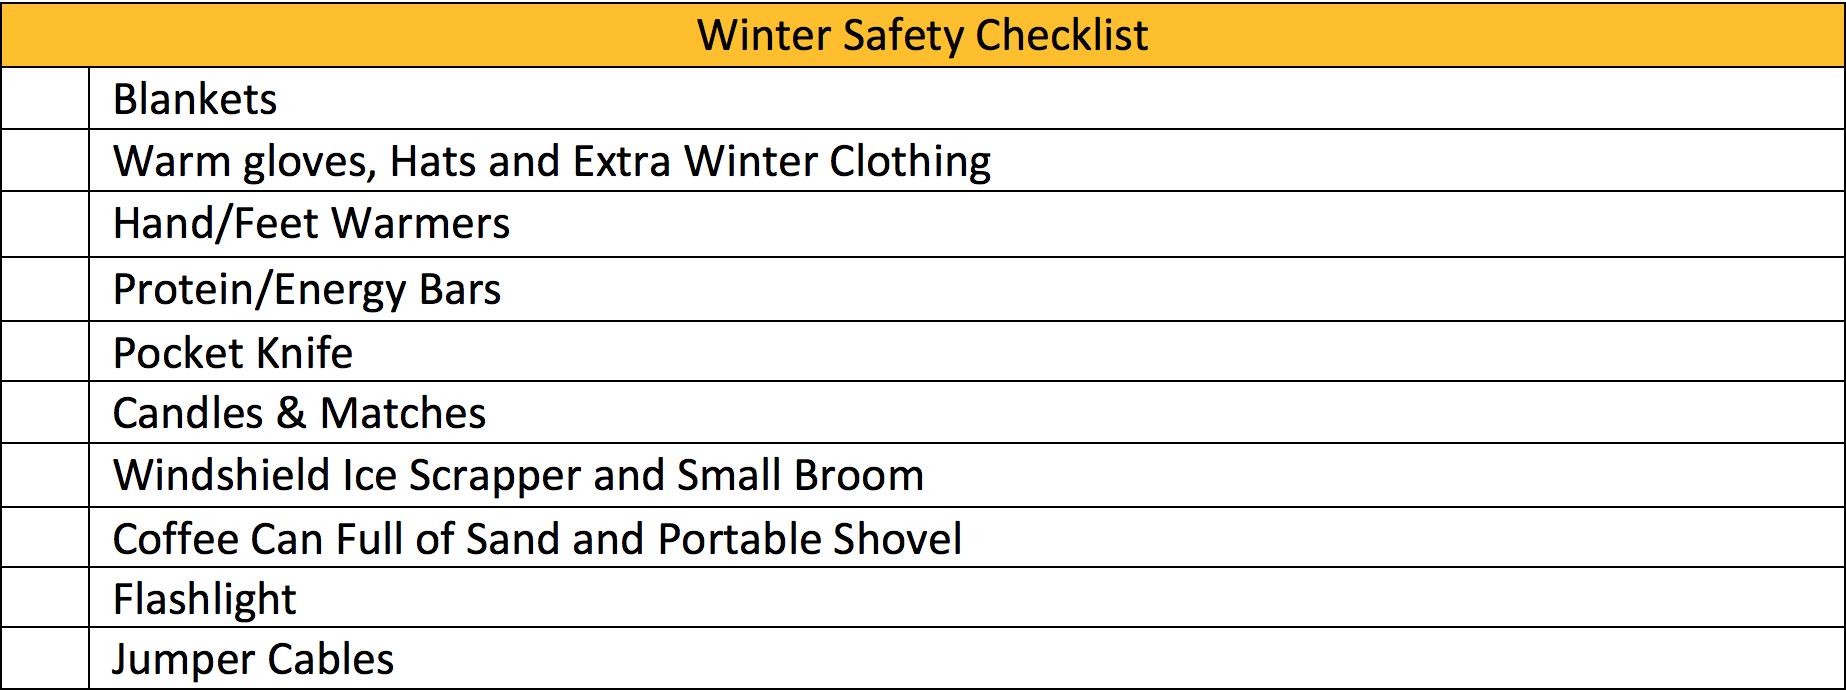 Winter Safety Checklist